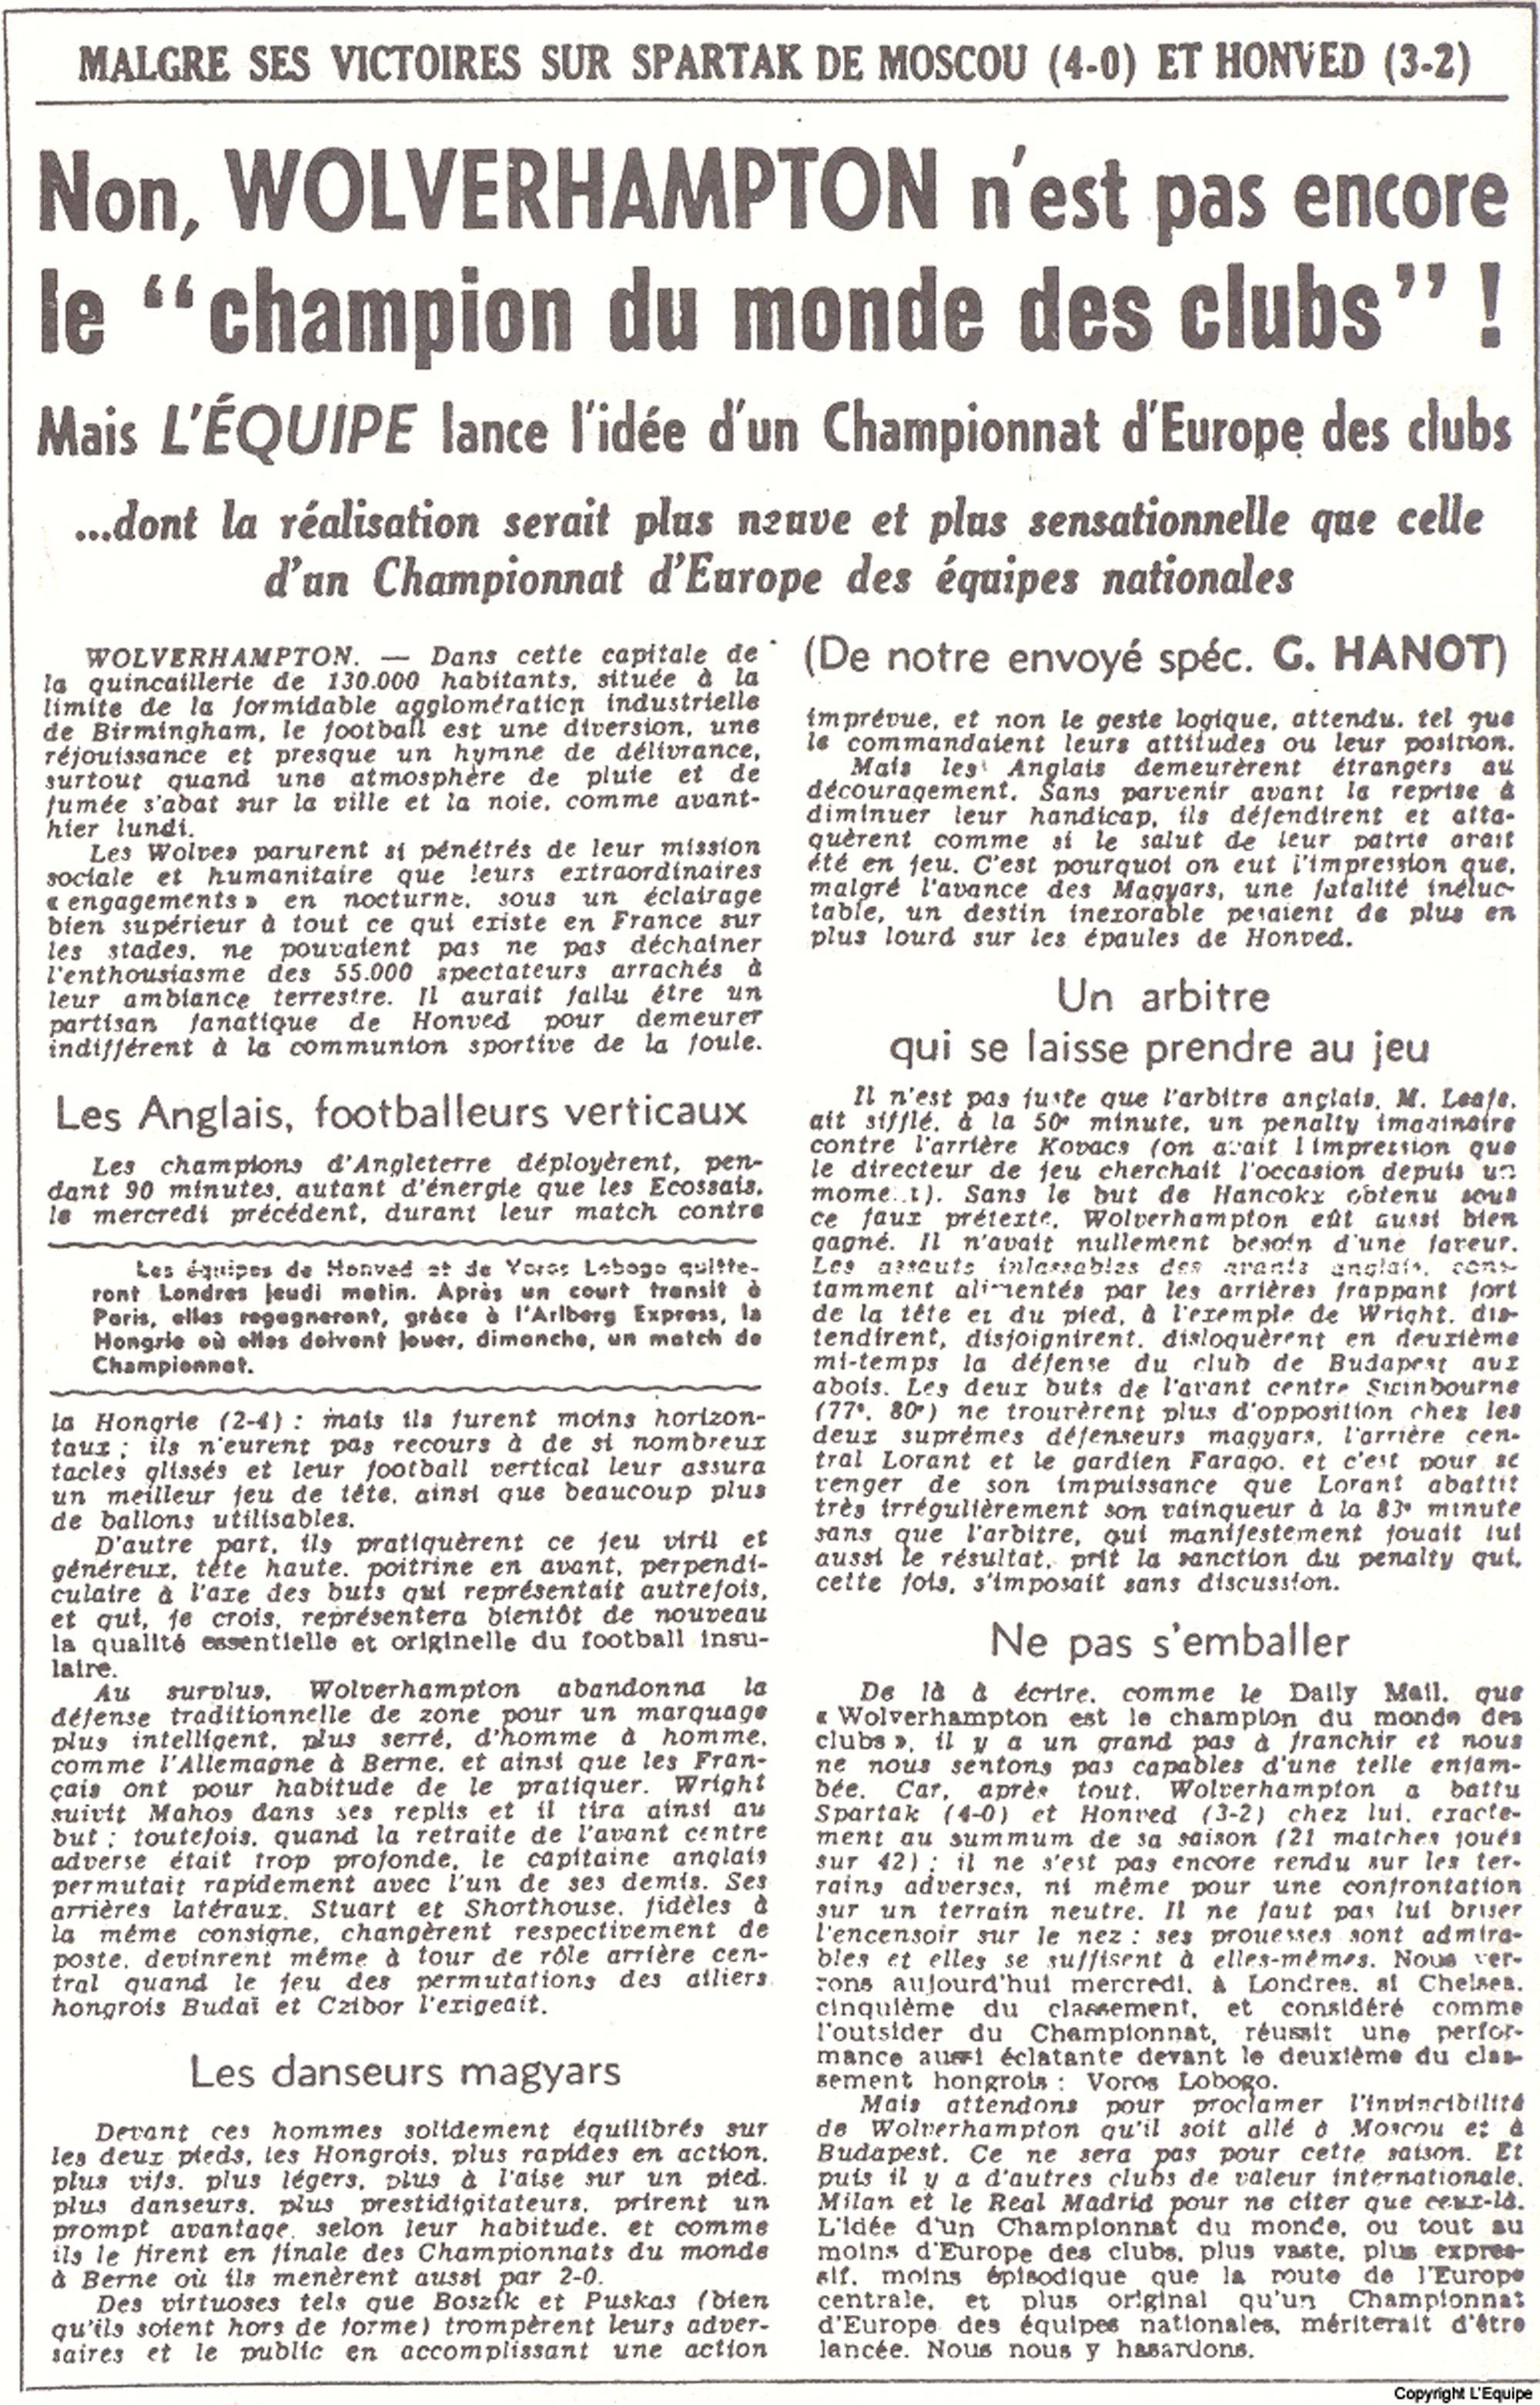 articlequipe